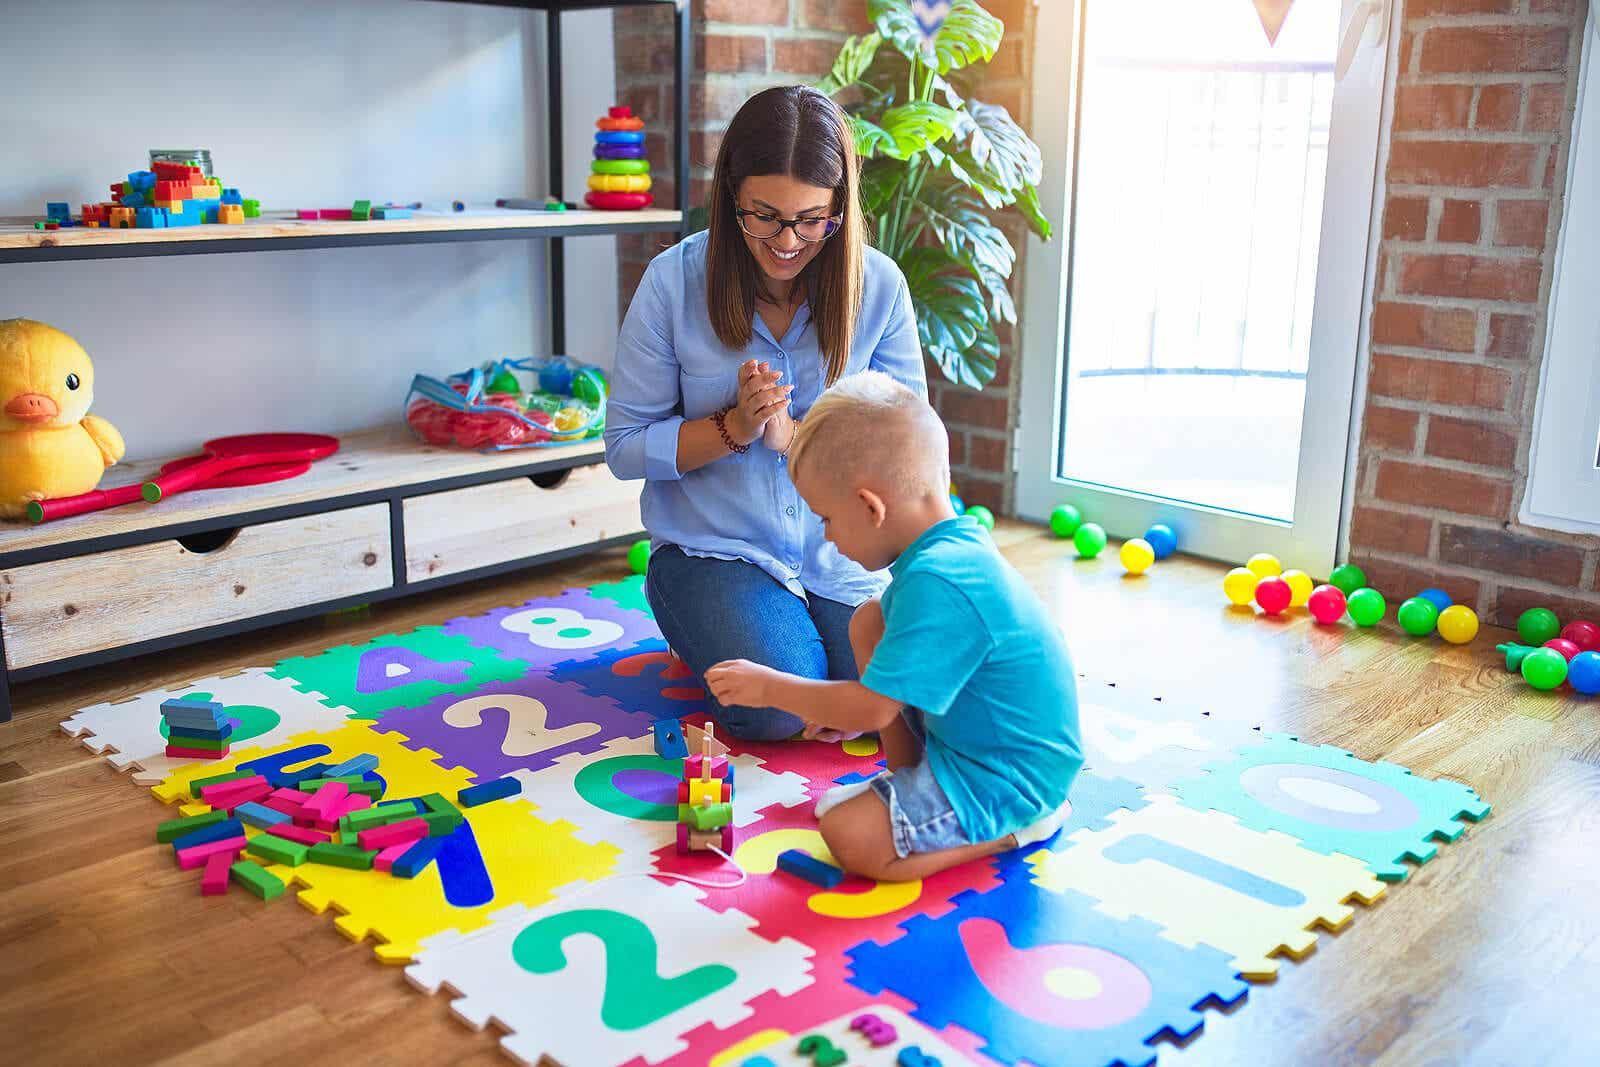 Matka obserwująca, jak jej syn bawi się na podłodze.